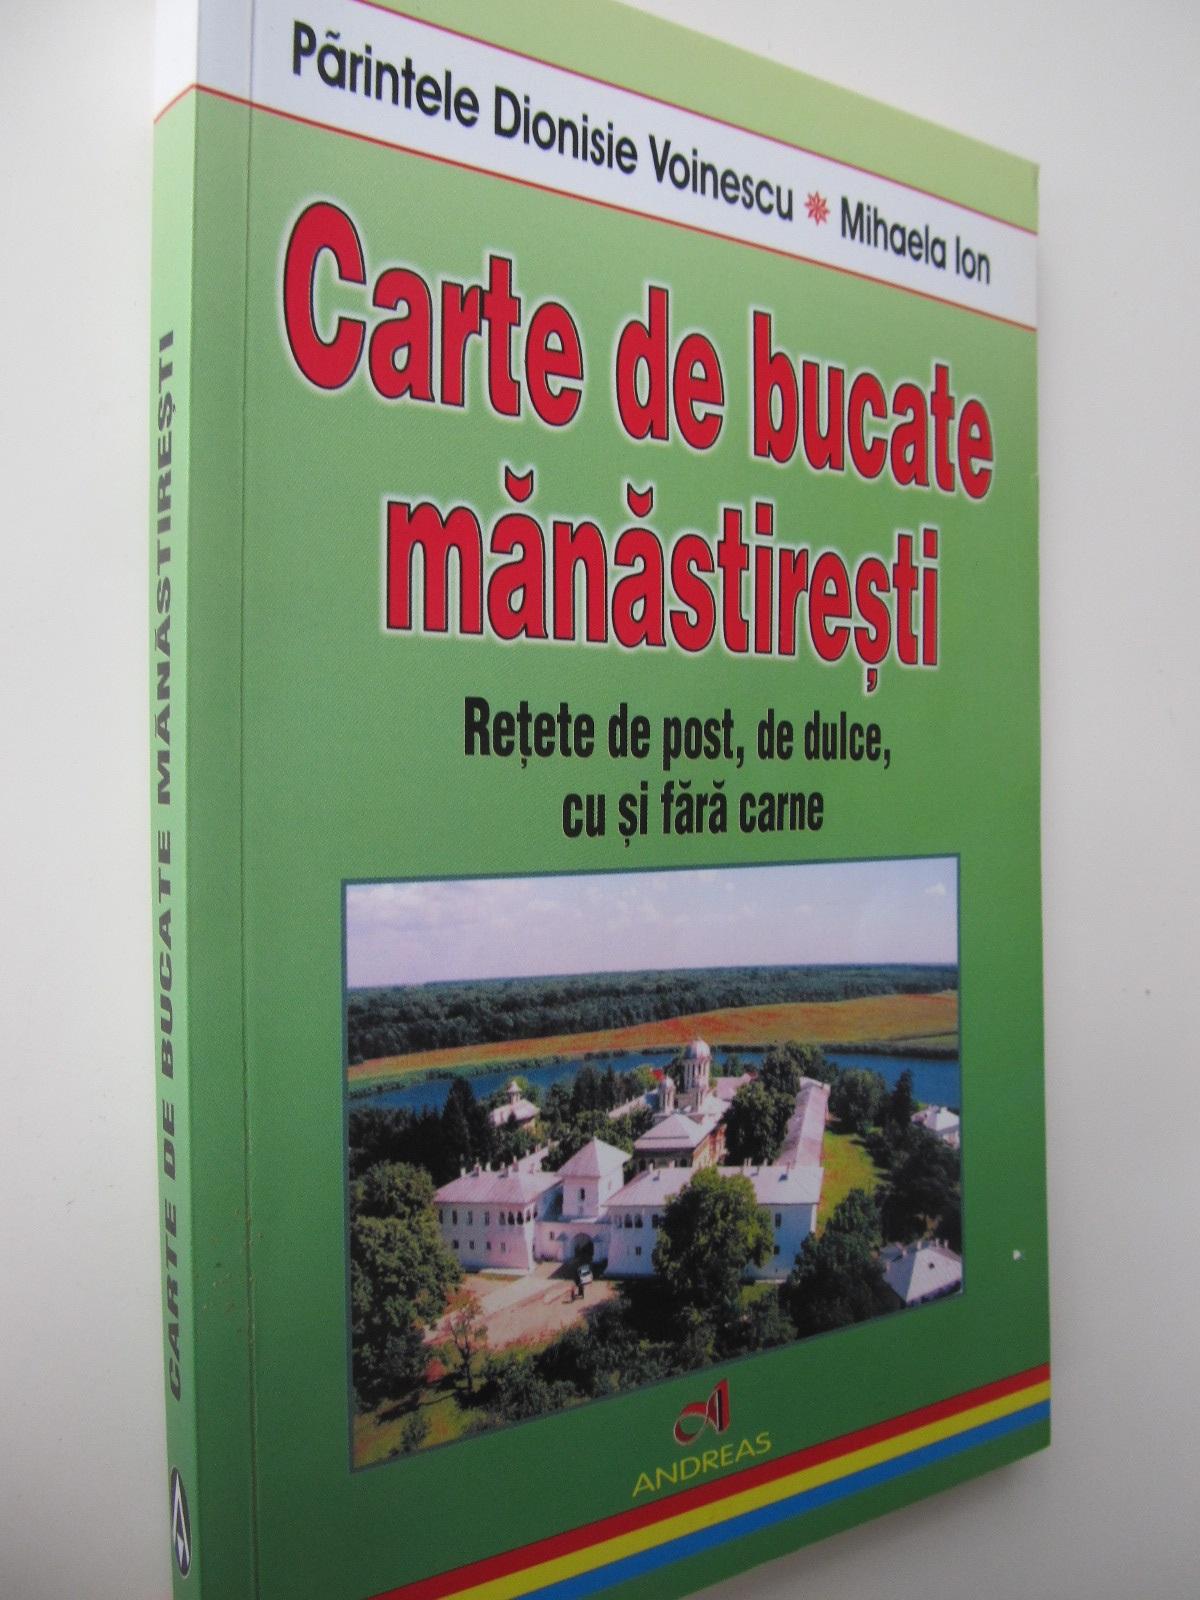 Carte de bucate manastiresti - Parintele Dionisie Voinescu , Mihaela Ion | Detalii carte